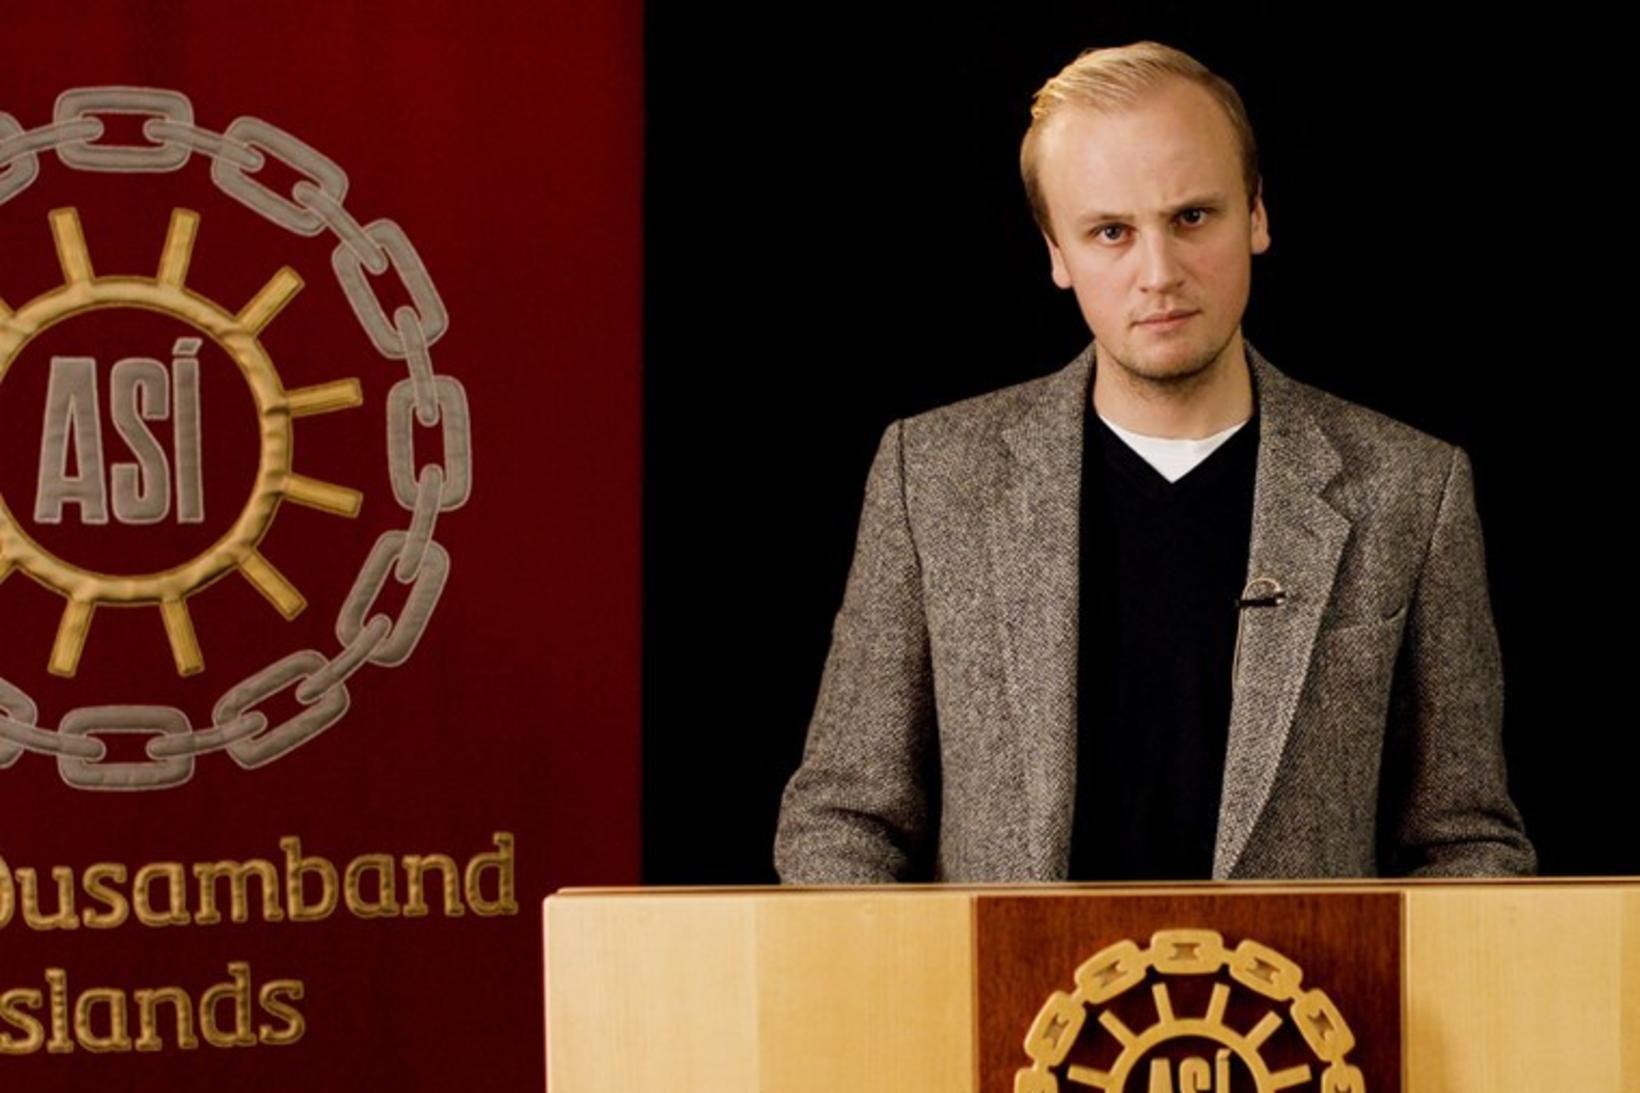 Ástþór Jón Ragnheiðarson er varaformaður ASÍ-UNG.